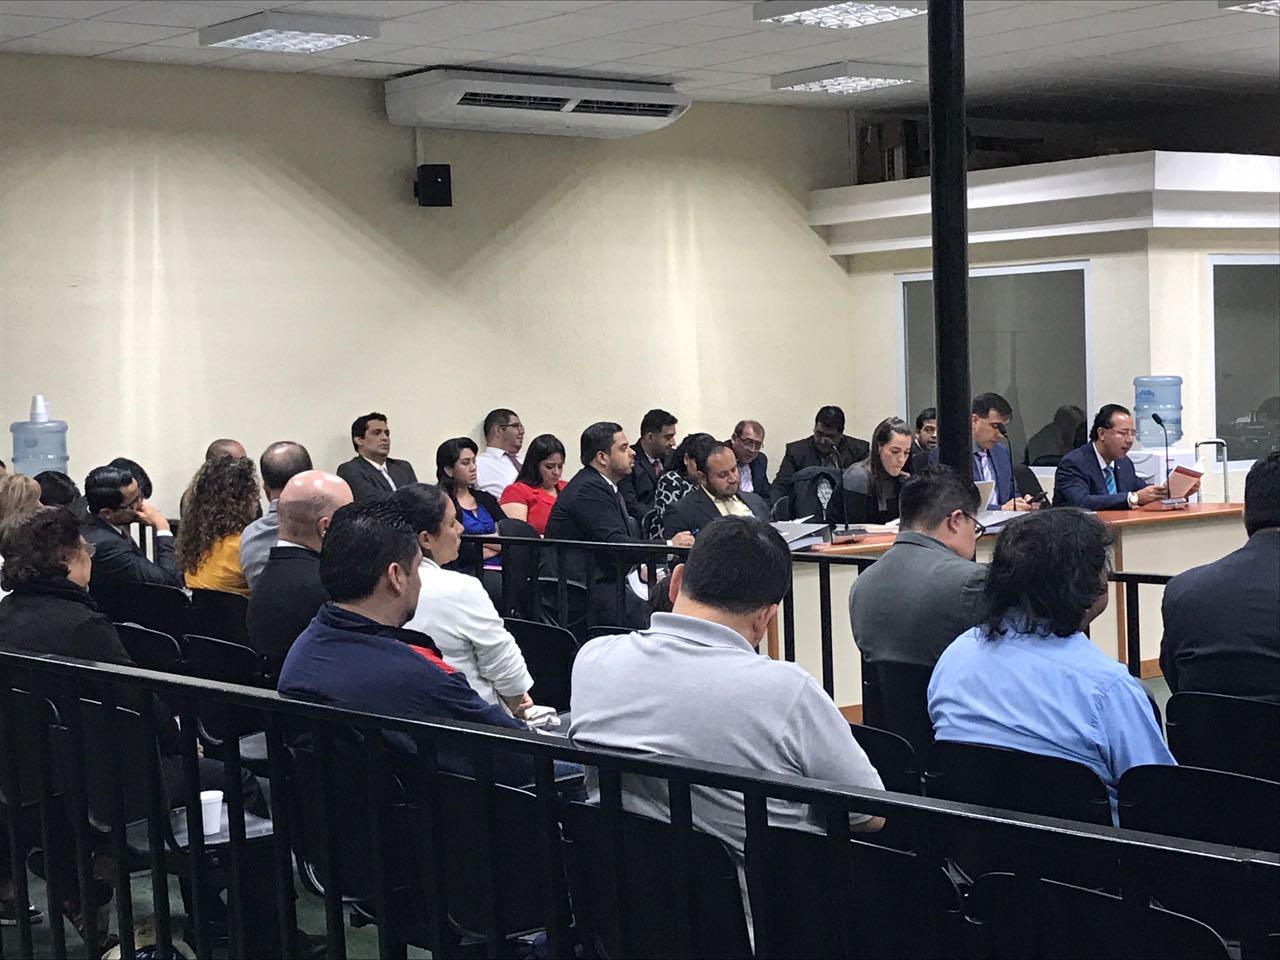 Exregistradora Anabella de León desembolsó Q3 millones en 16 contrataciones, dice MP